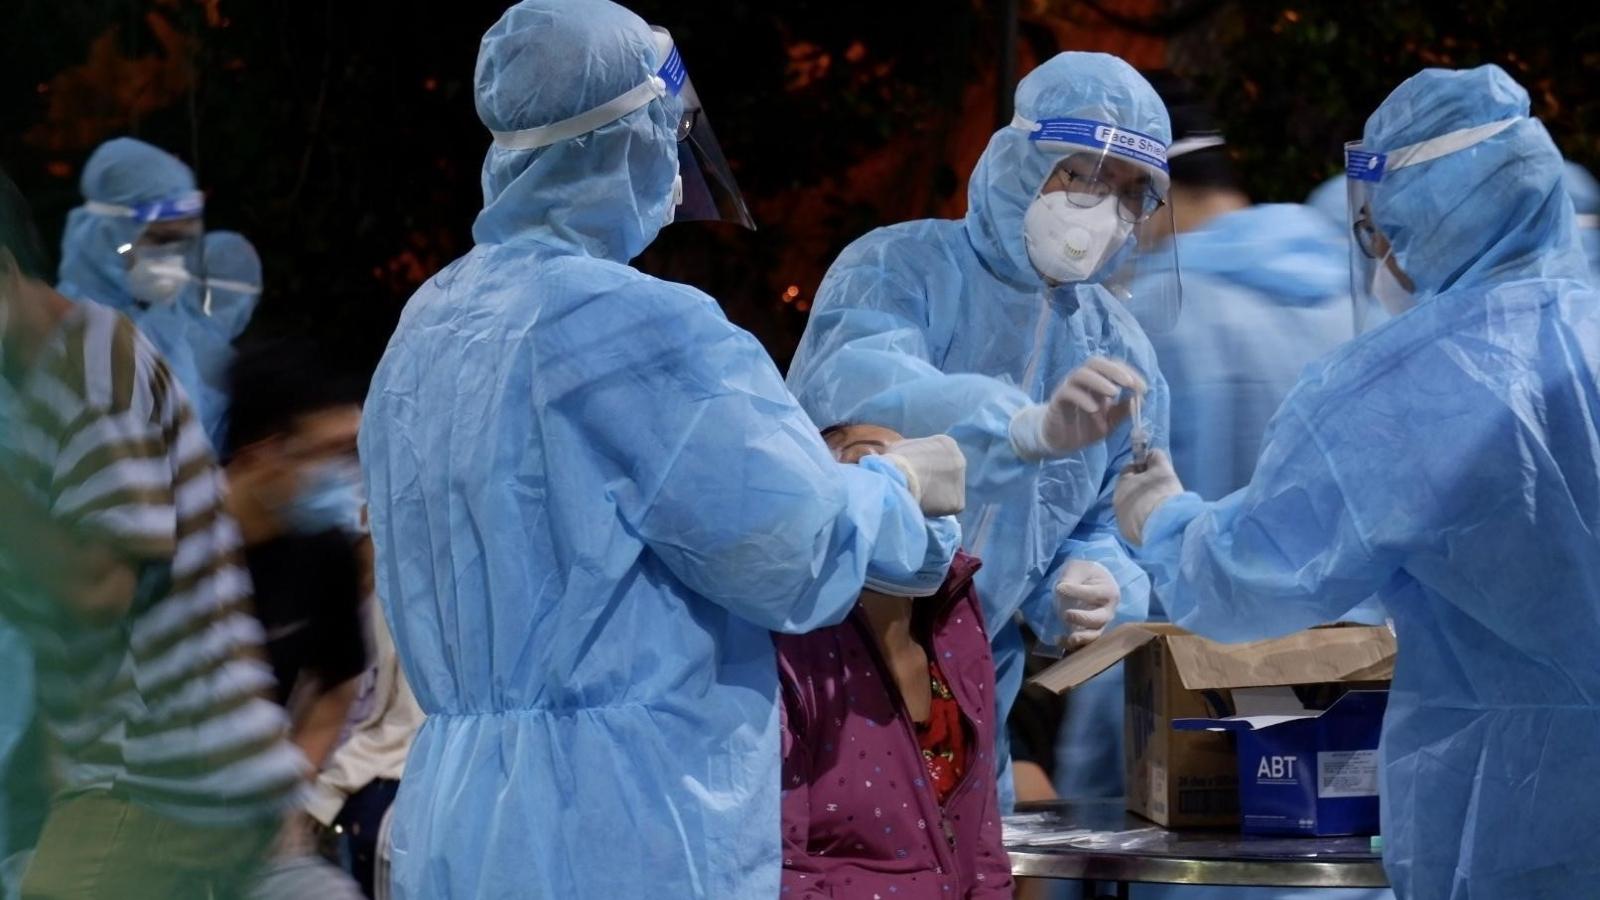 Hàng loạt chuỗi lây nhiễm Covid-19 ở TP.HCM liên quan chợ đầu mối, công ty